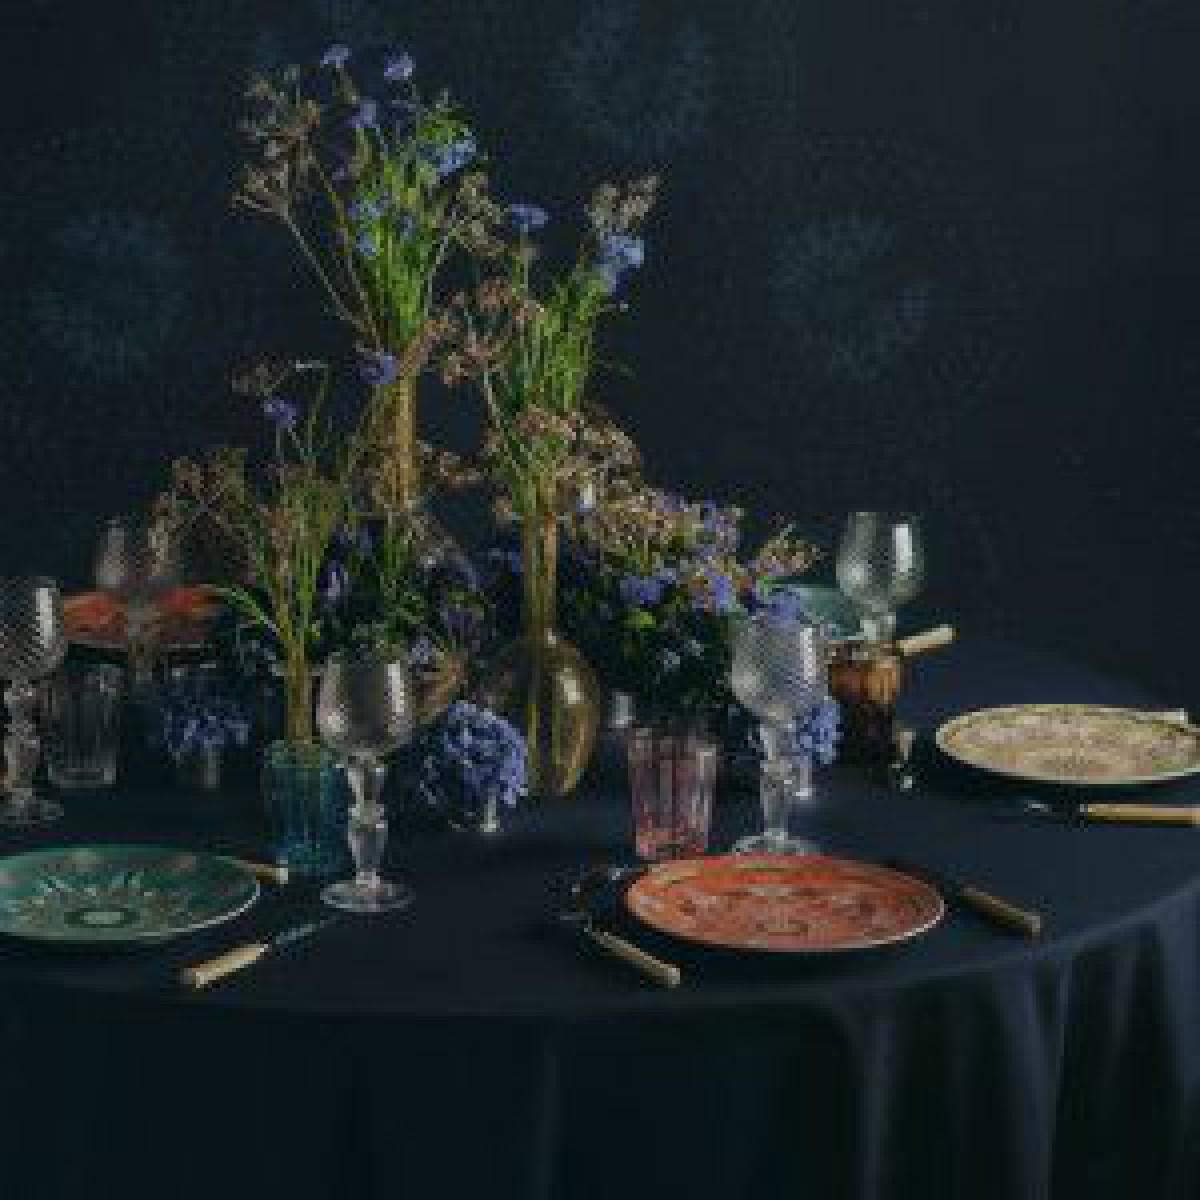 「ディオール メゾン」ホリデーシーズン向けのホームコレクション発売、光の装飾ルミナリエからインスパイア